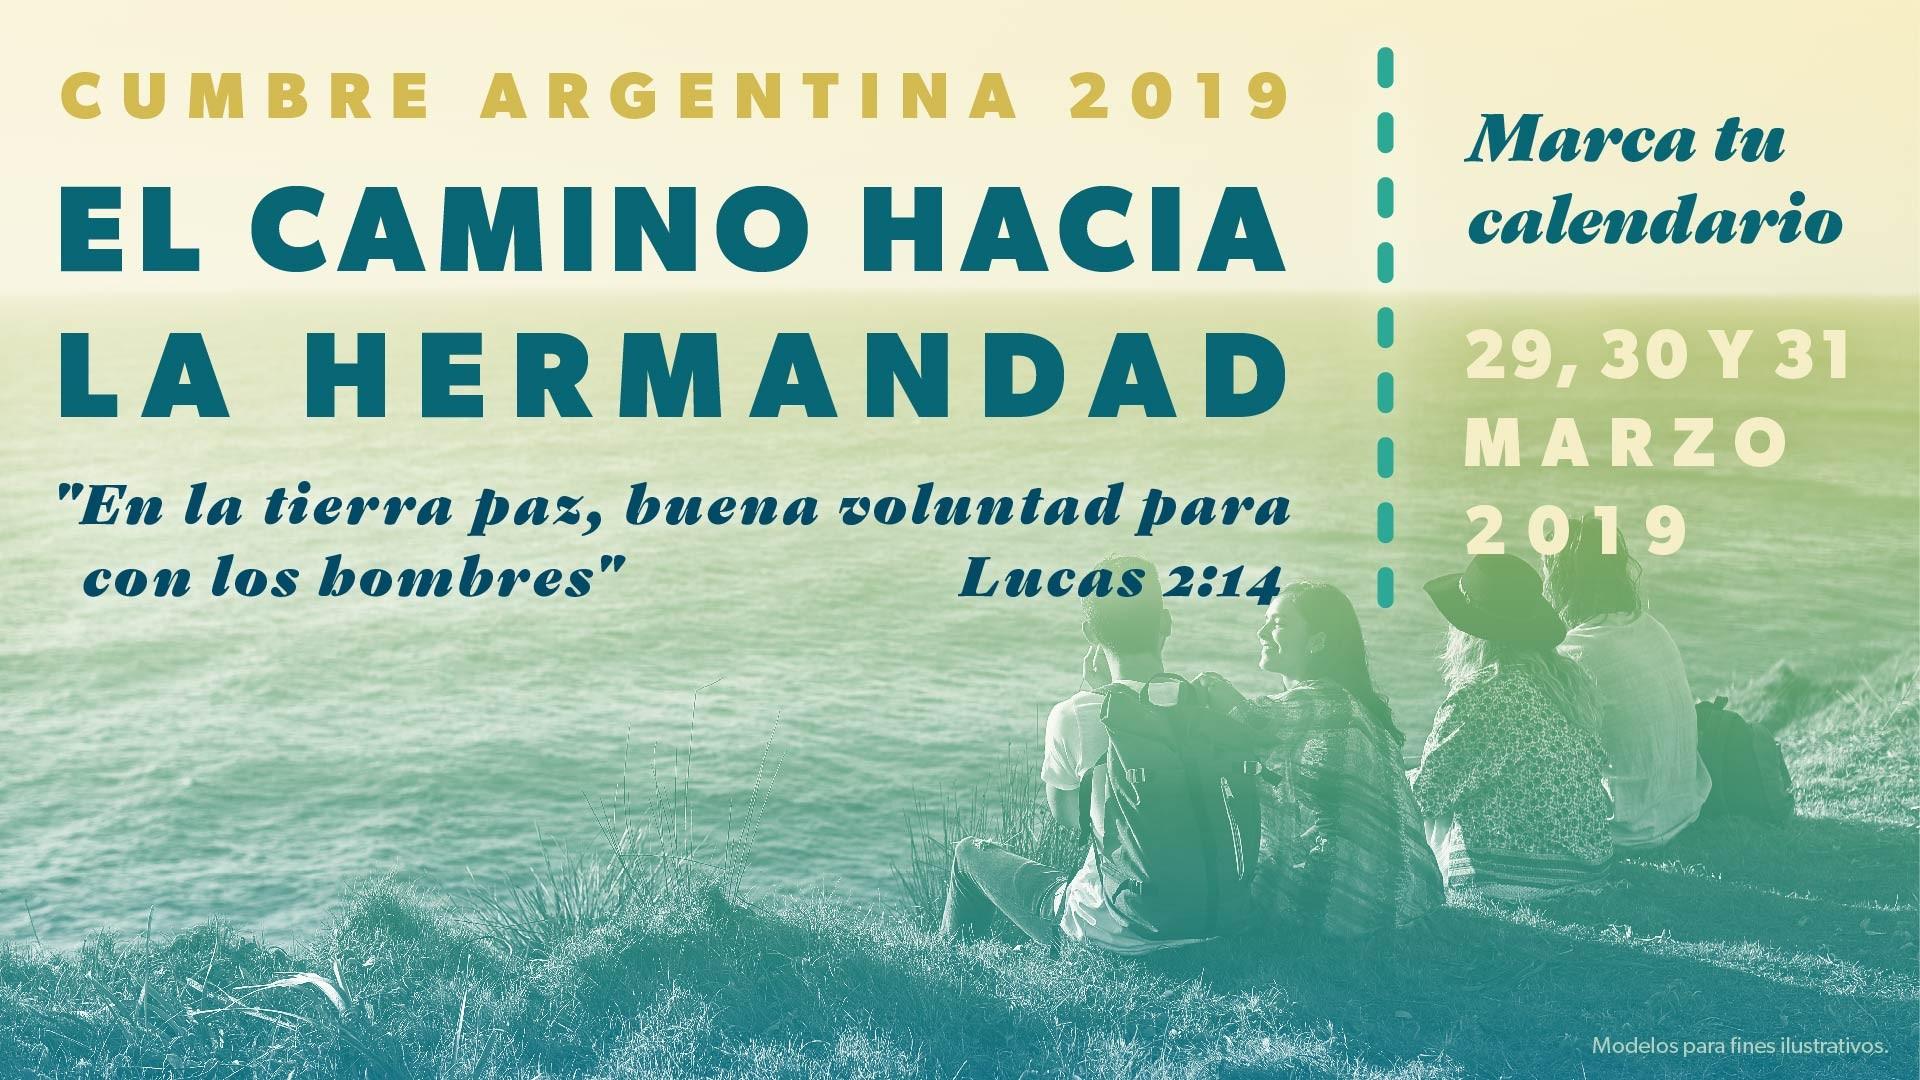 Argentina Summit 2019 Ad – Anna Litwiller